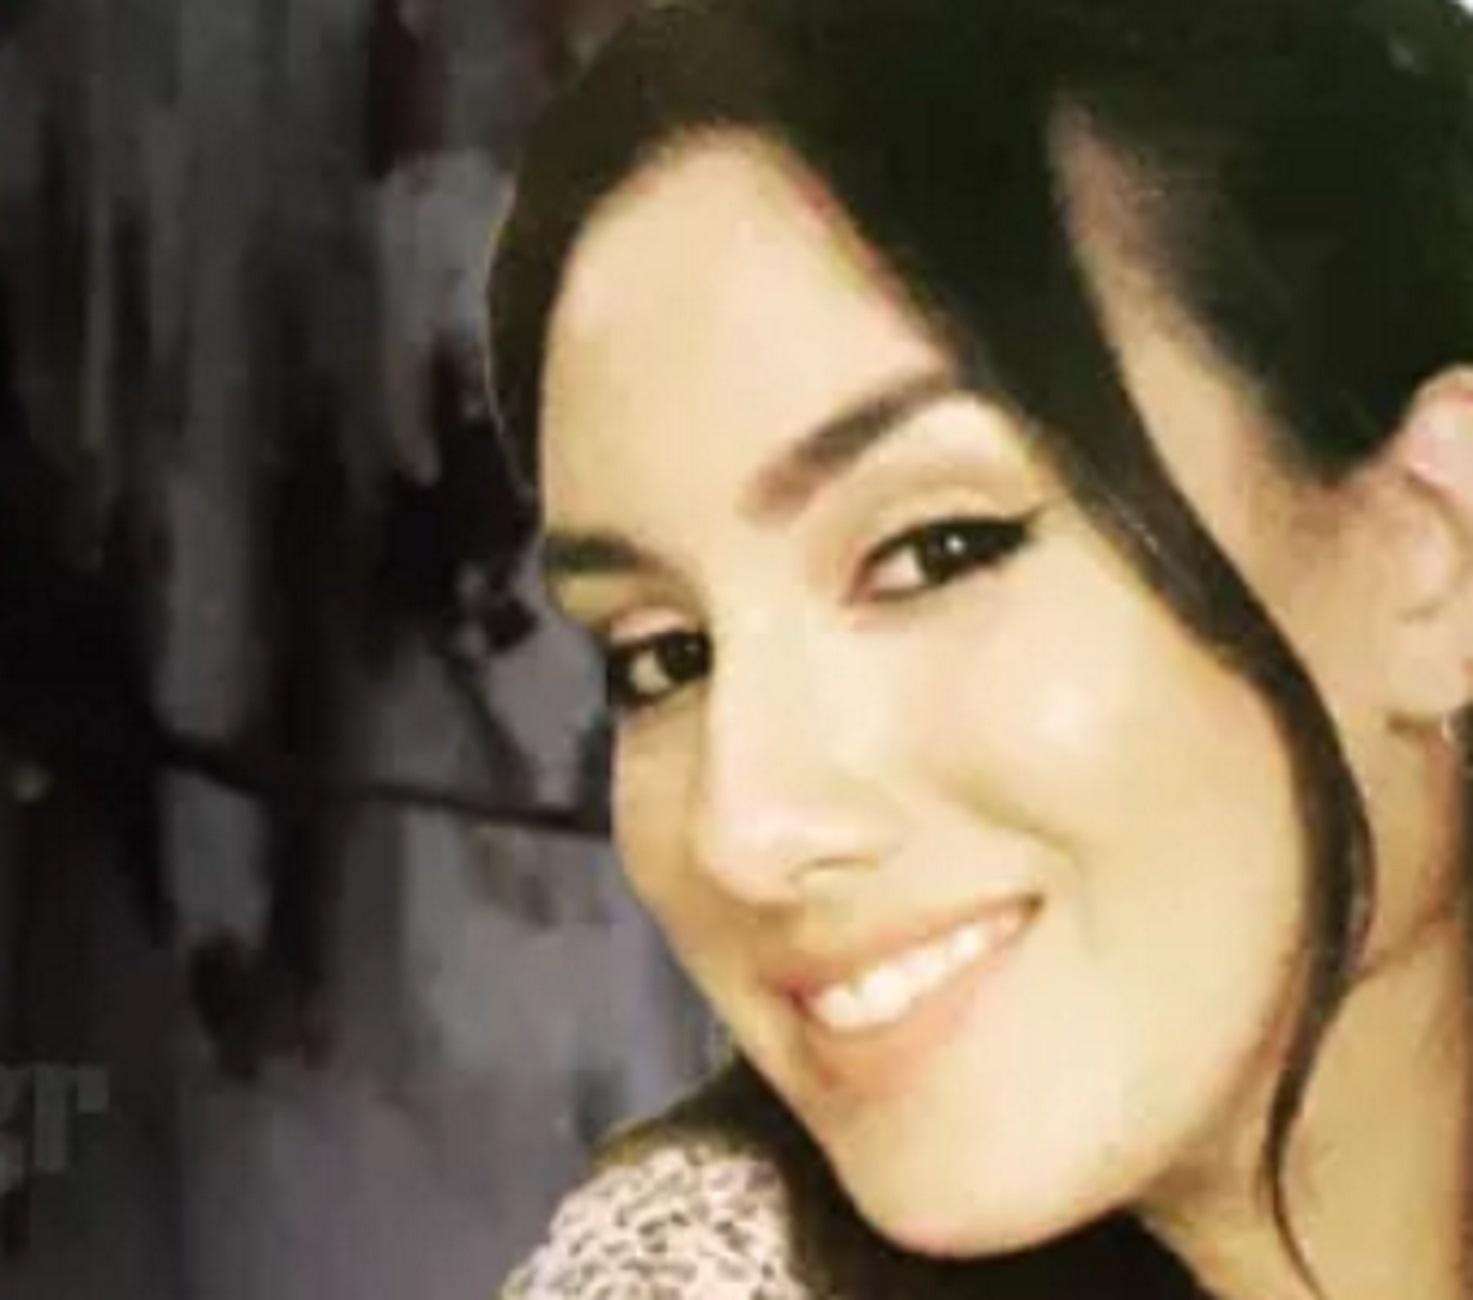 Σκόπελος: Αυτή είναι η φοιτήτρια που έγινε ηρωίδα! Οι στιγμές που δεν πρόκειται να ξεχάσει ποτέ (Φωτό)